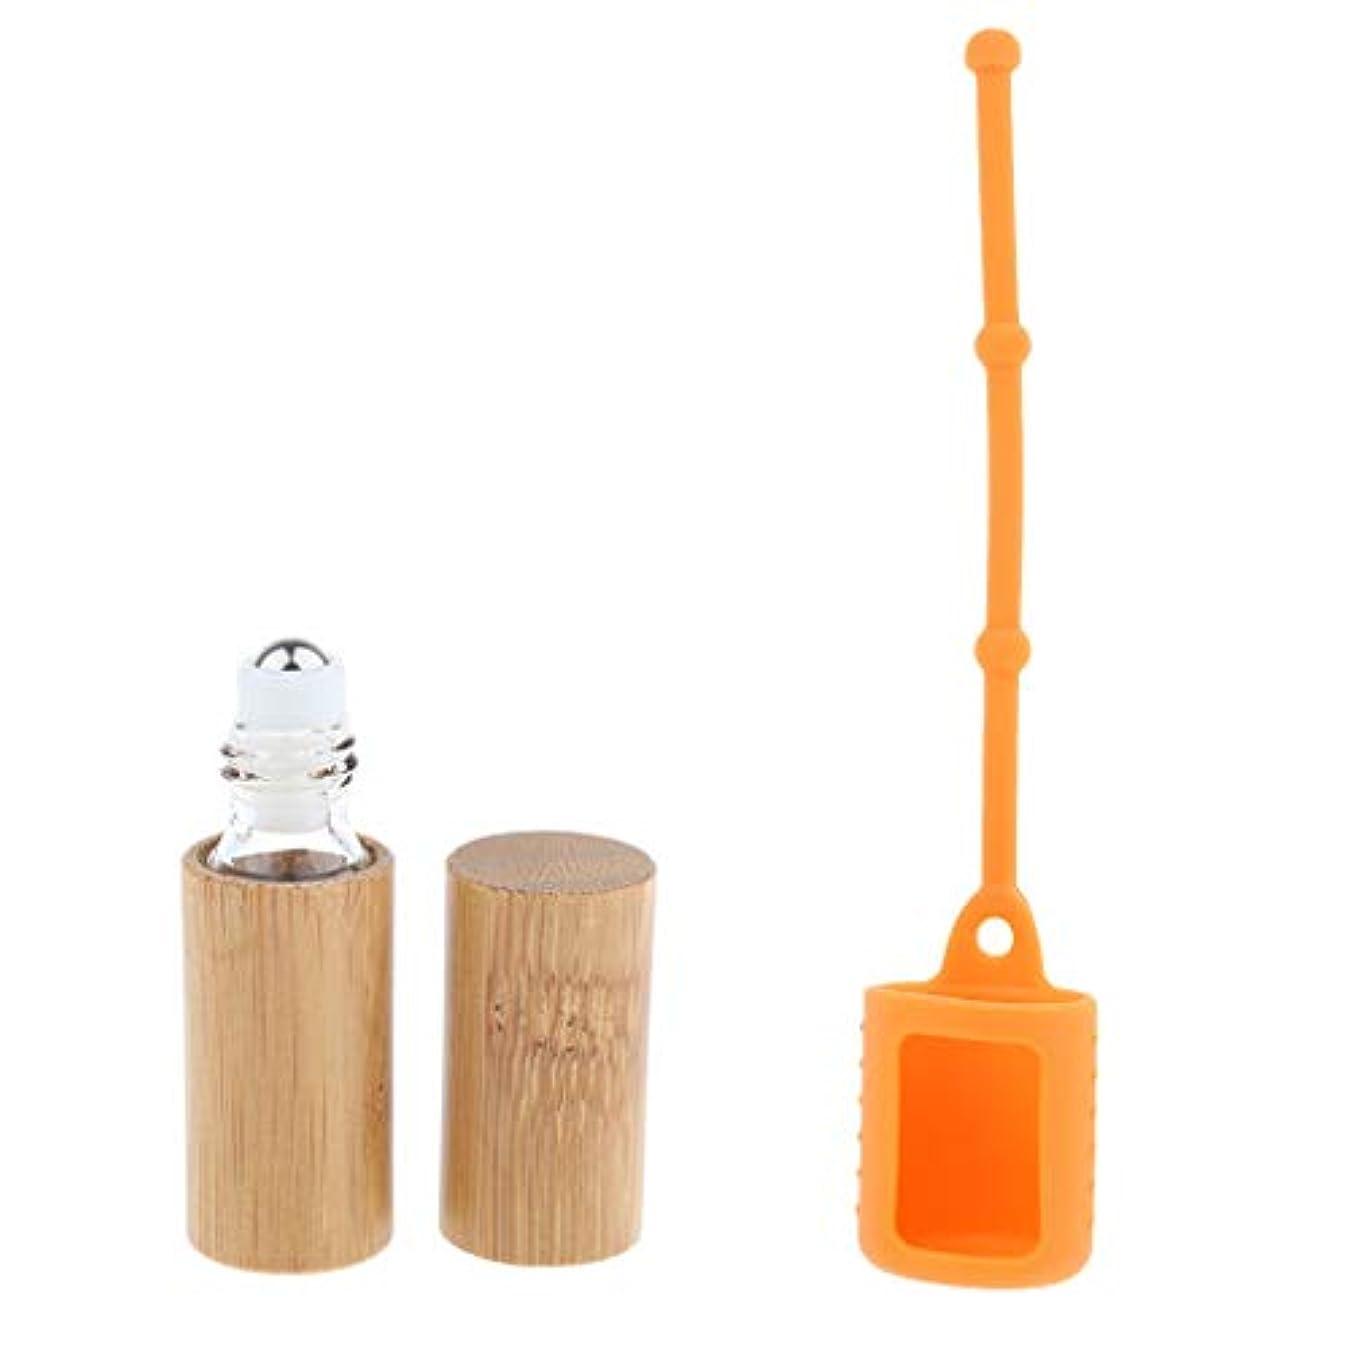 東方強制的トランジスタFLAMEER 空ボトル 竹ボトル 香水瓶 エッセンシャルオイル 精油瓶 詰め替え 掛け シリコンカバー